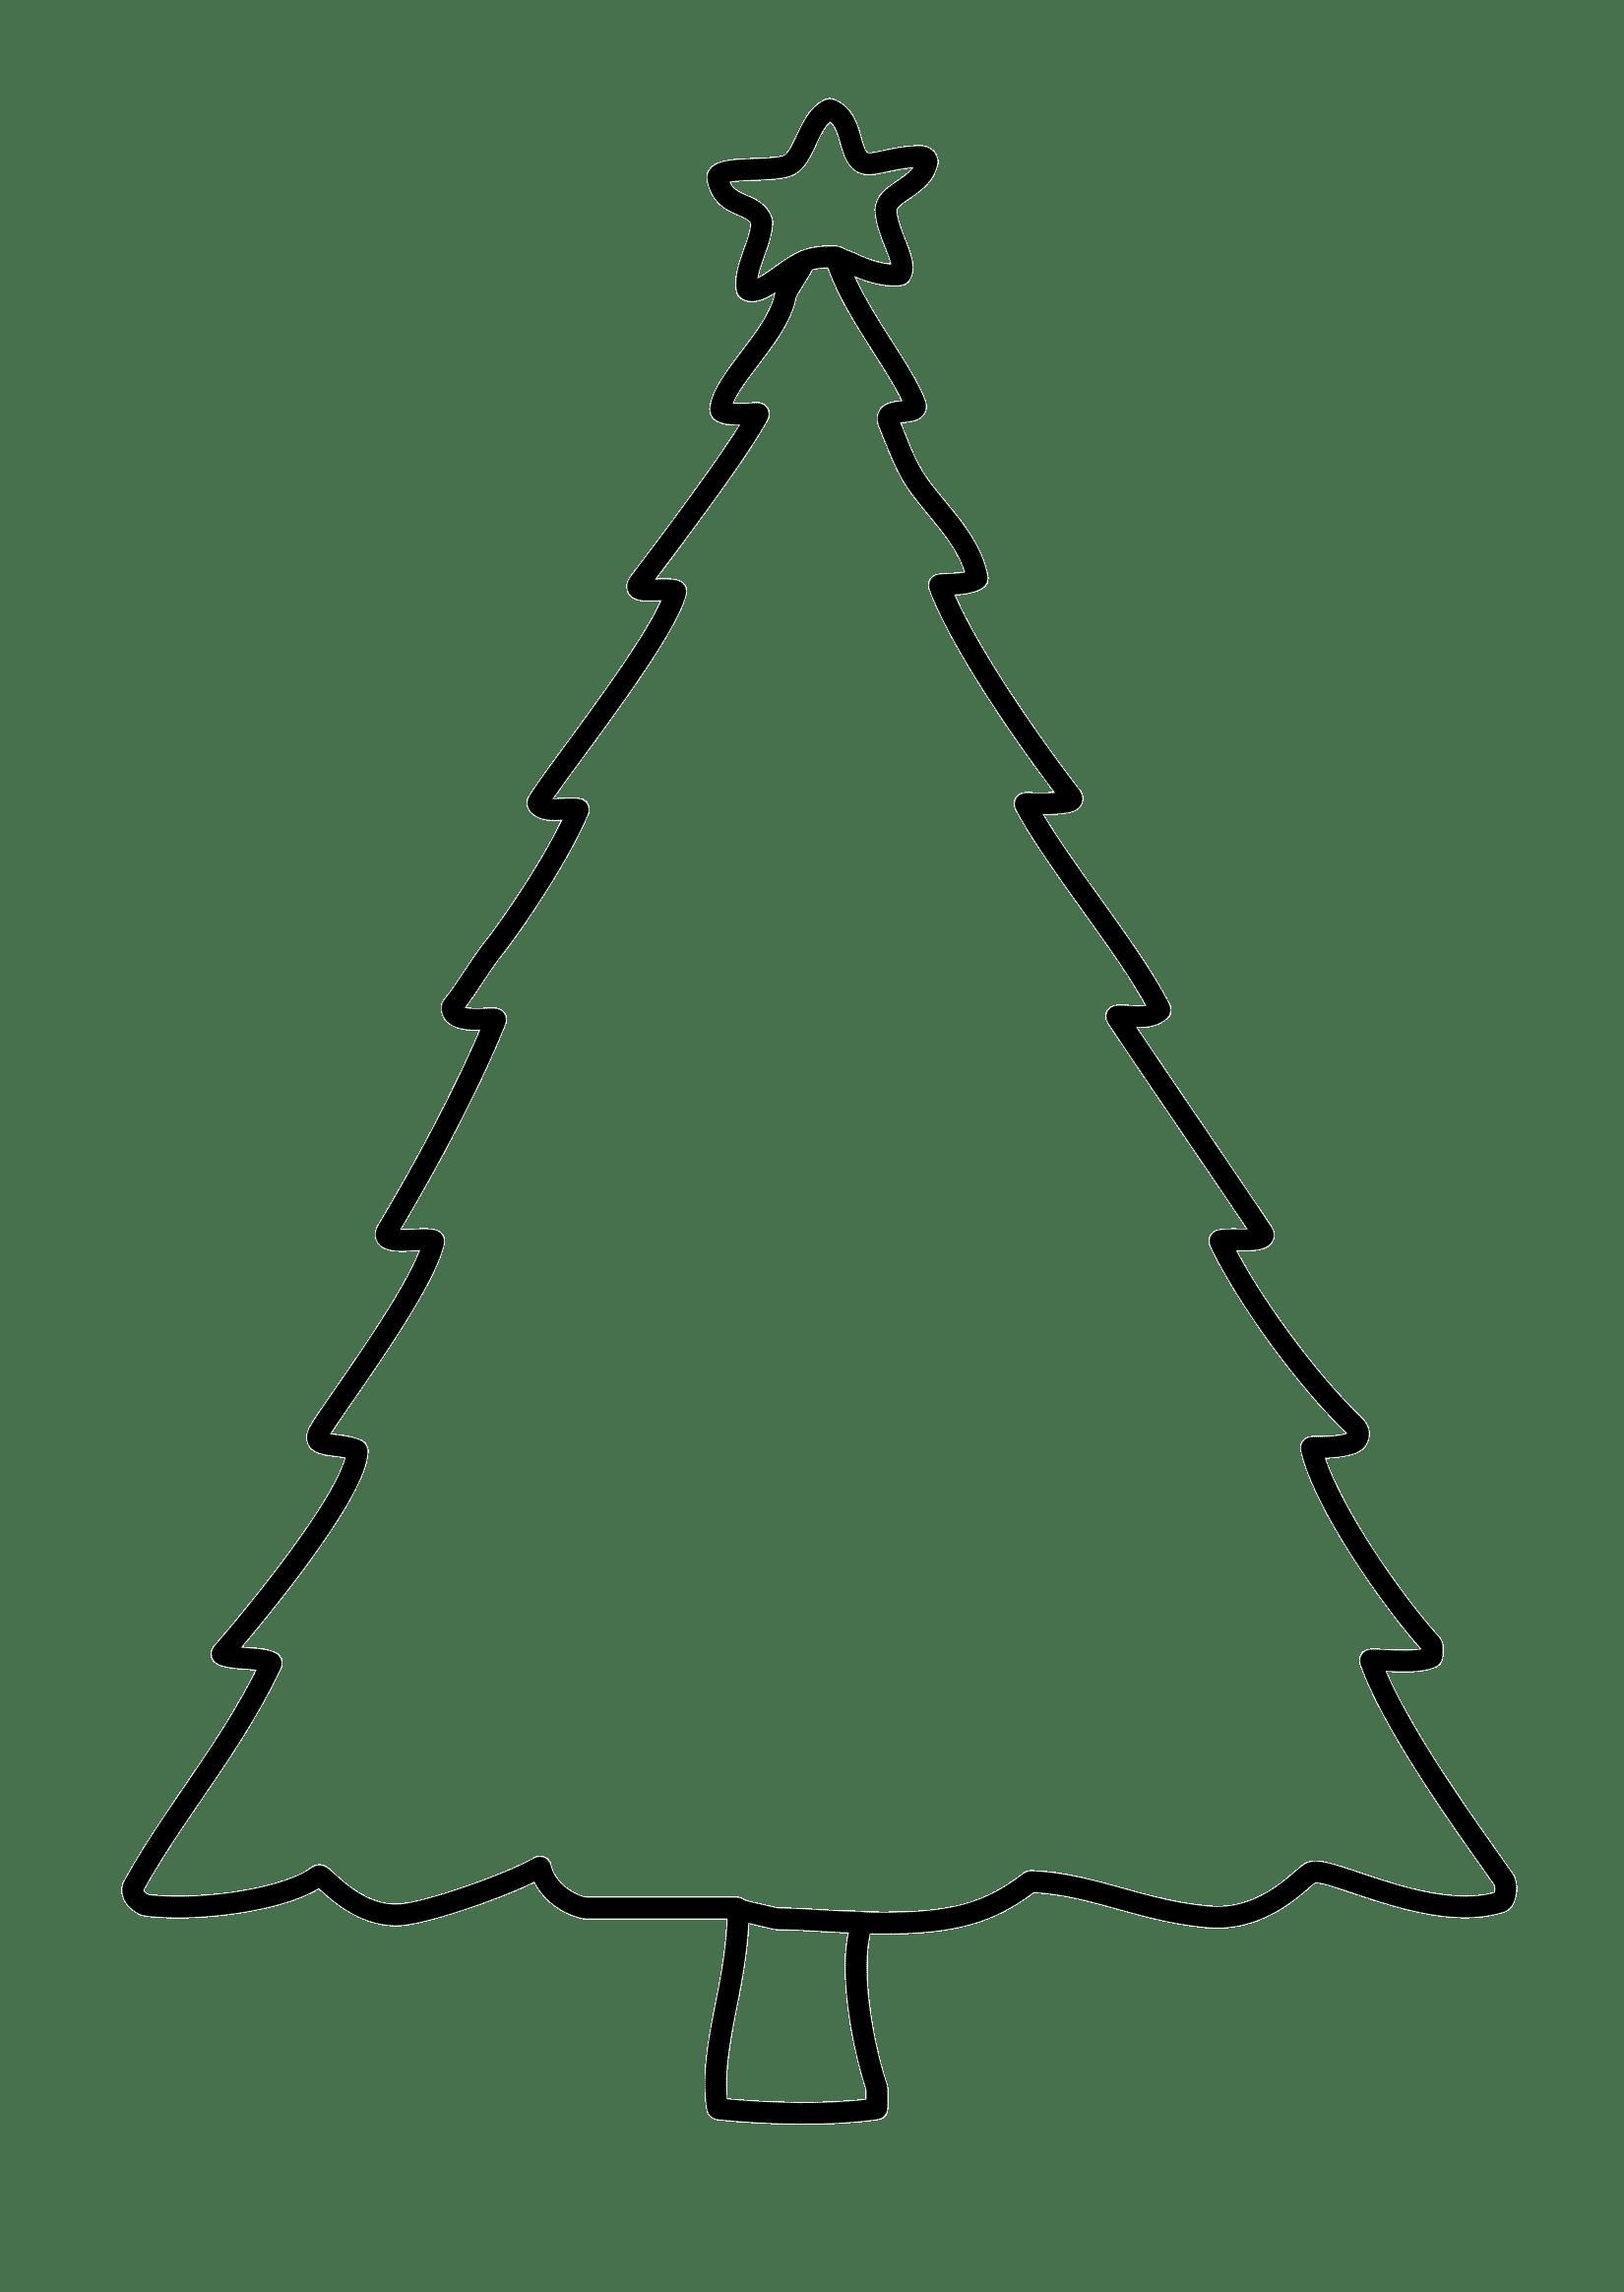 Weihnachtsbaum Vorlagen Dekoking Diy Bastelideen Dekoideen Zeichnen Lernen Weihnachtsbaum Vorlage Tannenbaum Vorlage Vorlagen